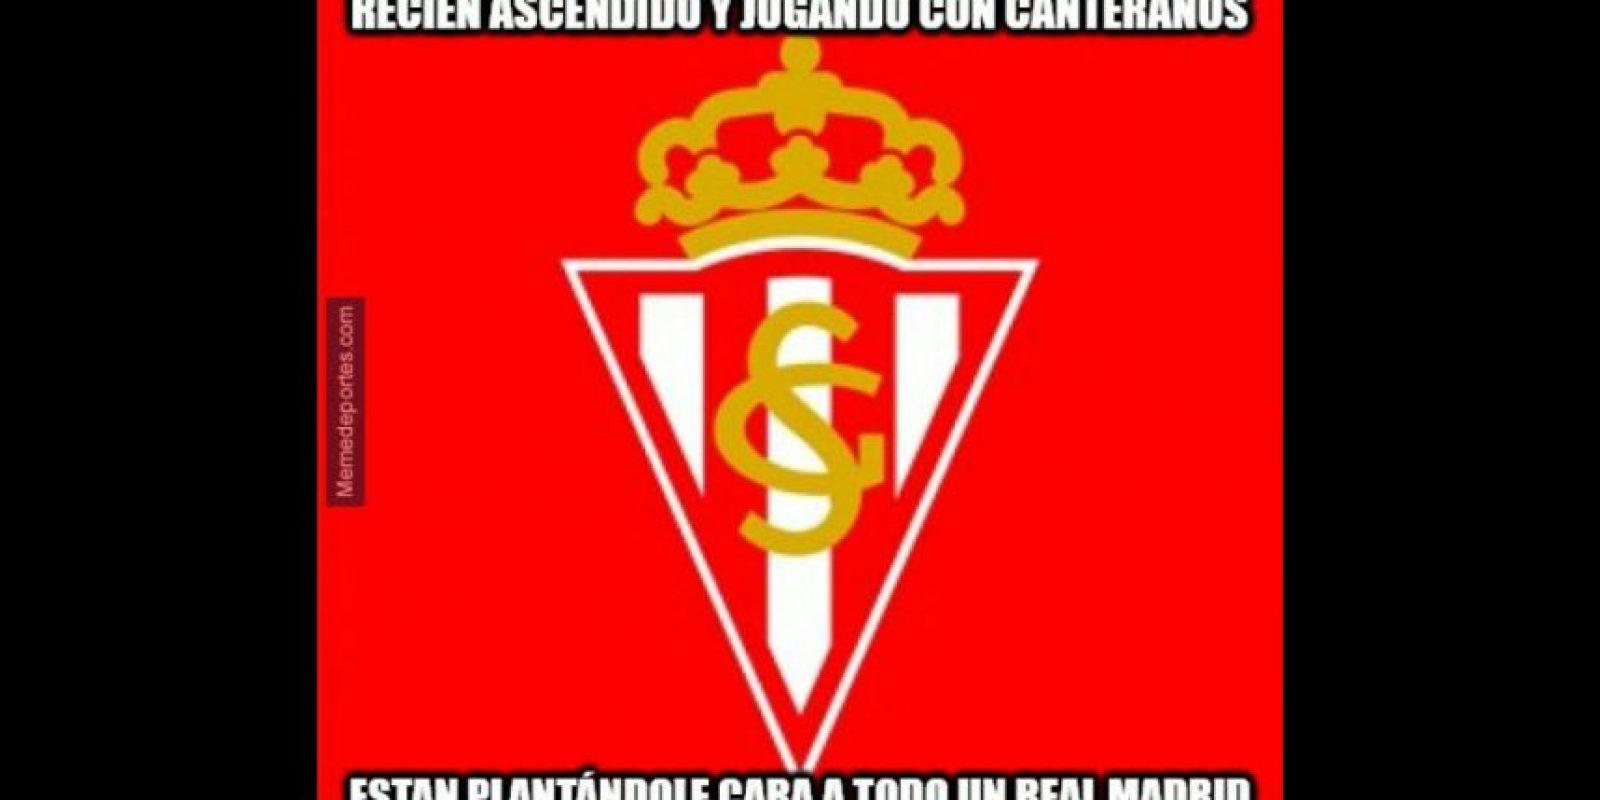 Fue un partido destacado del Sporting de Gijón. Foto:memedeportes.com